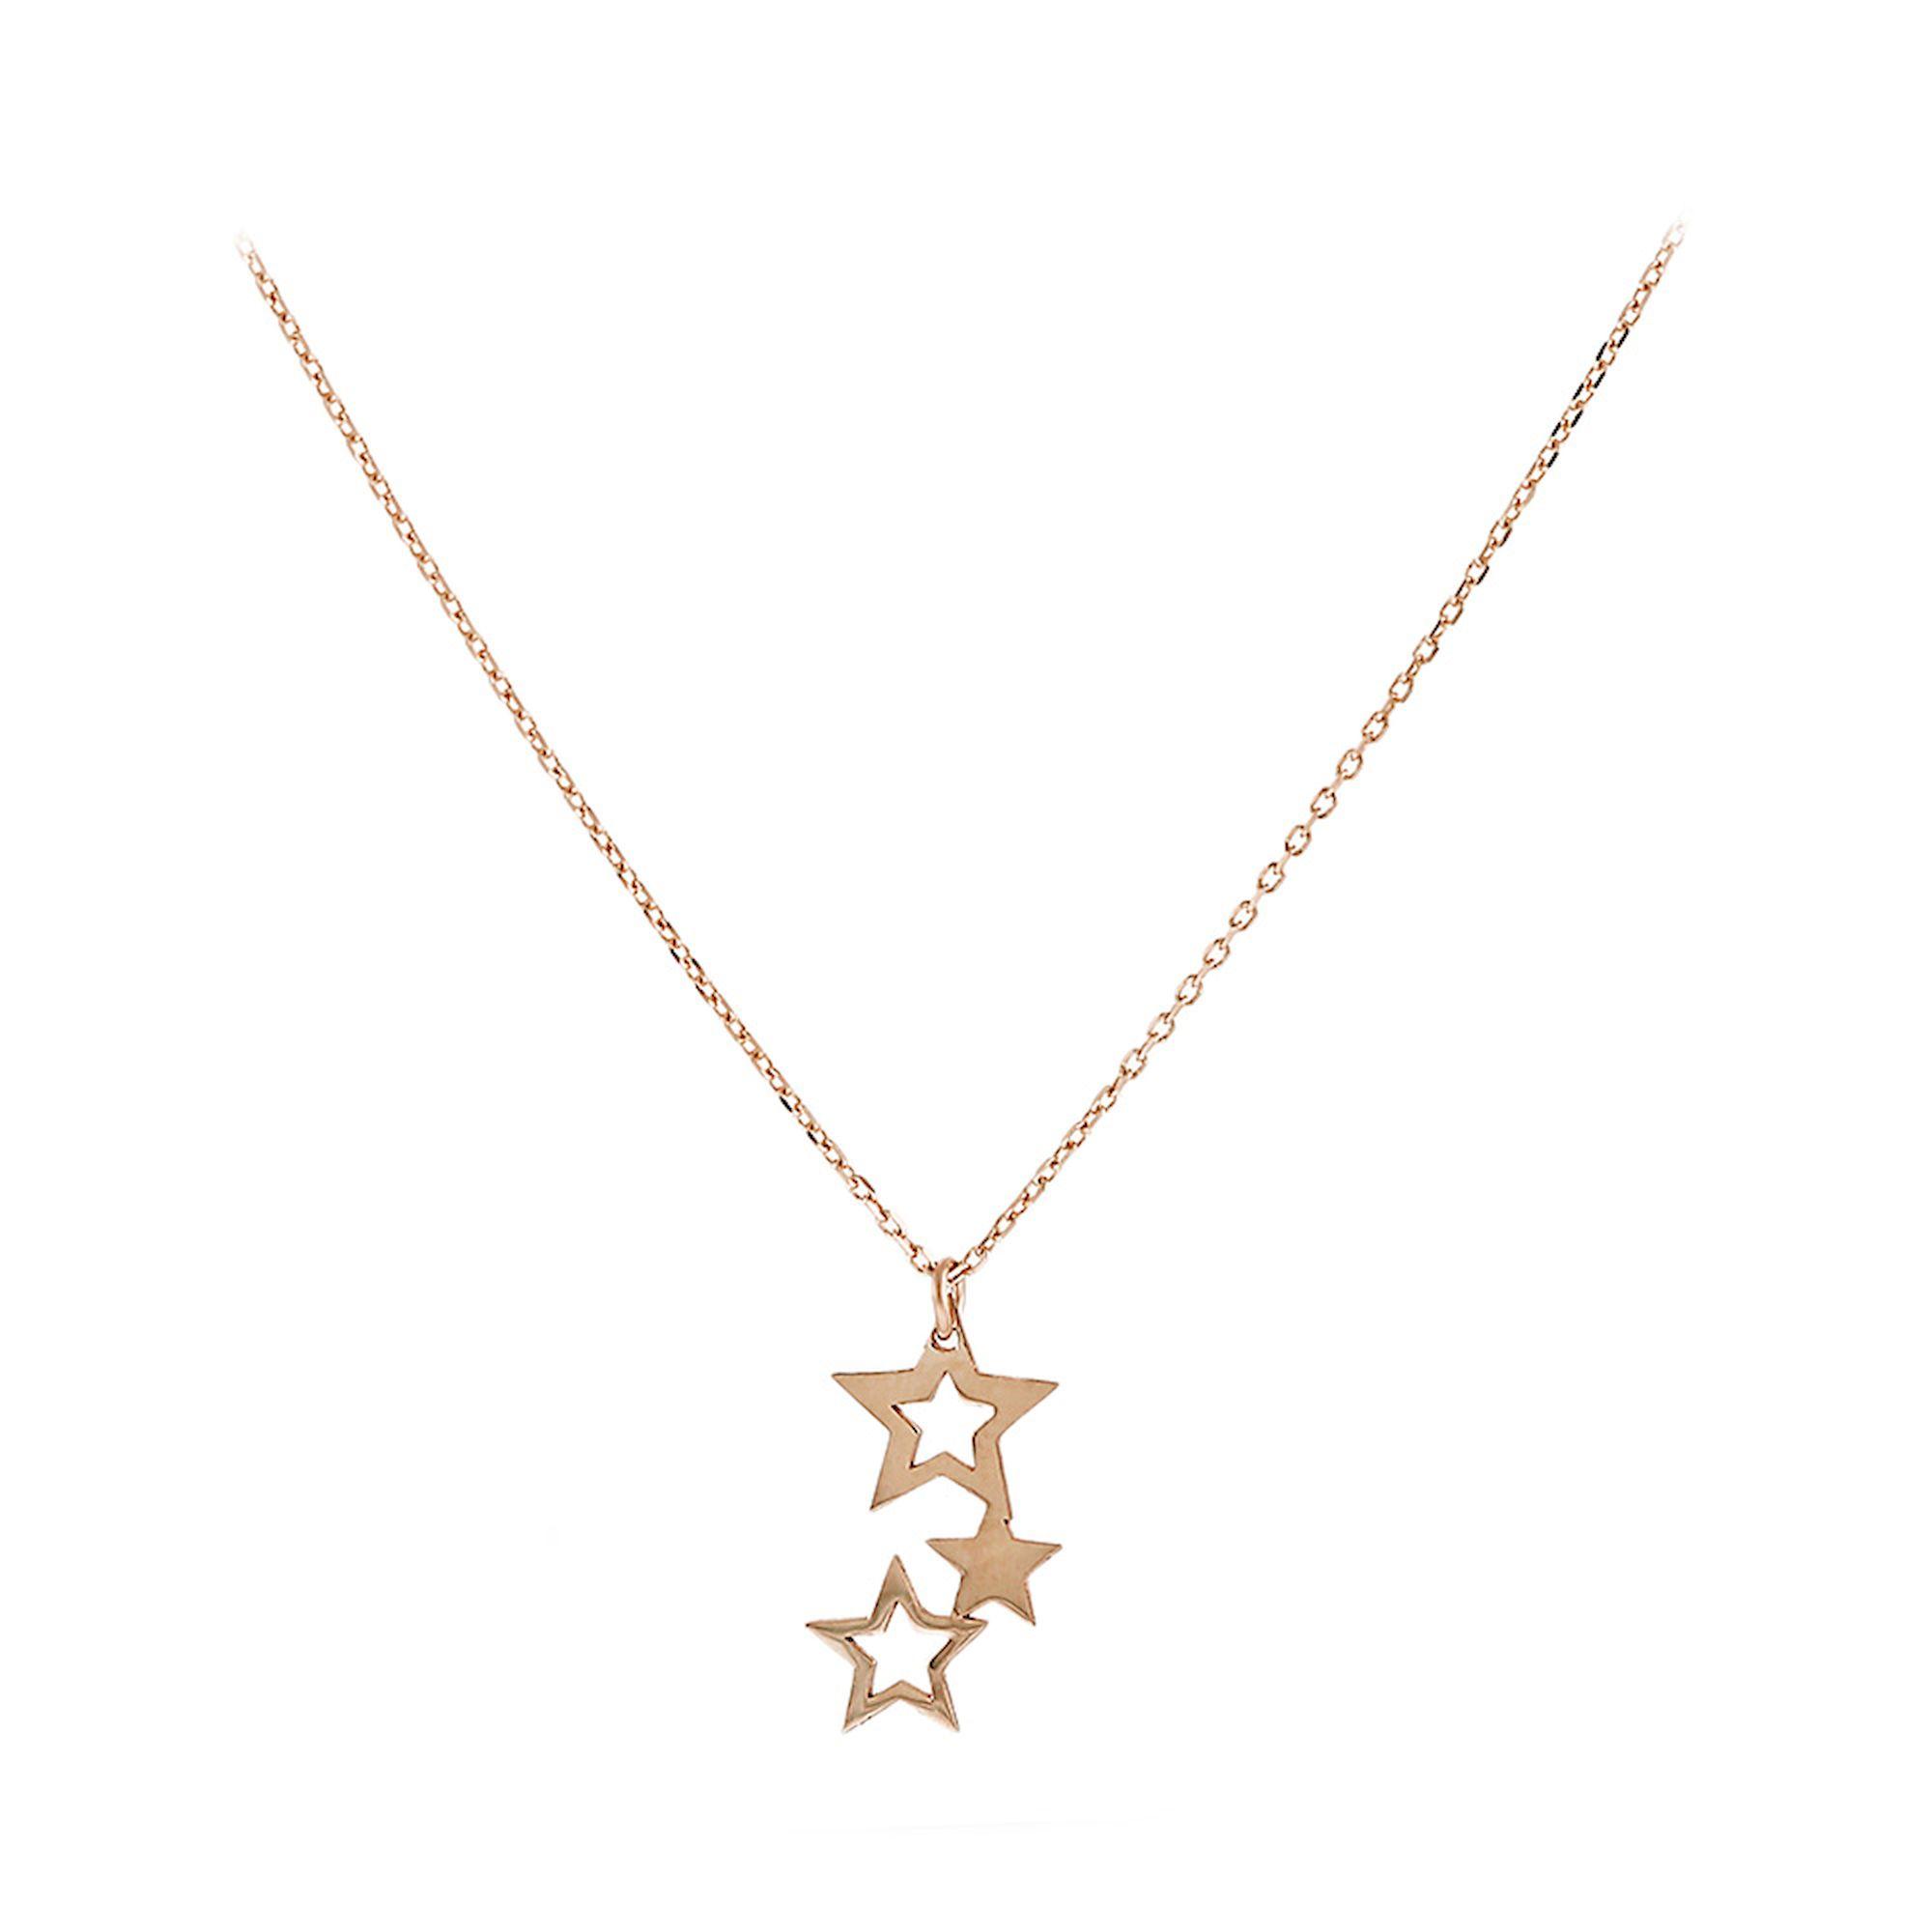 Κολιέ Κ14 με Αστέρια 5bl.3159rc